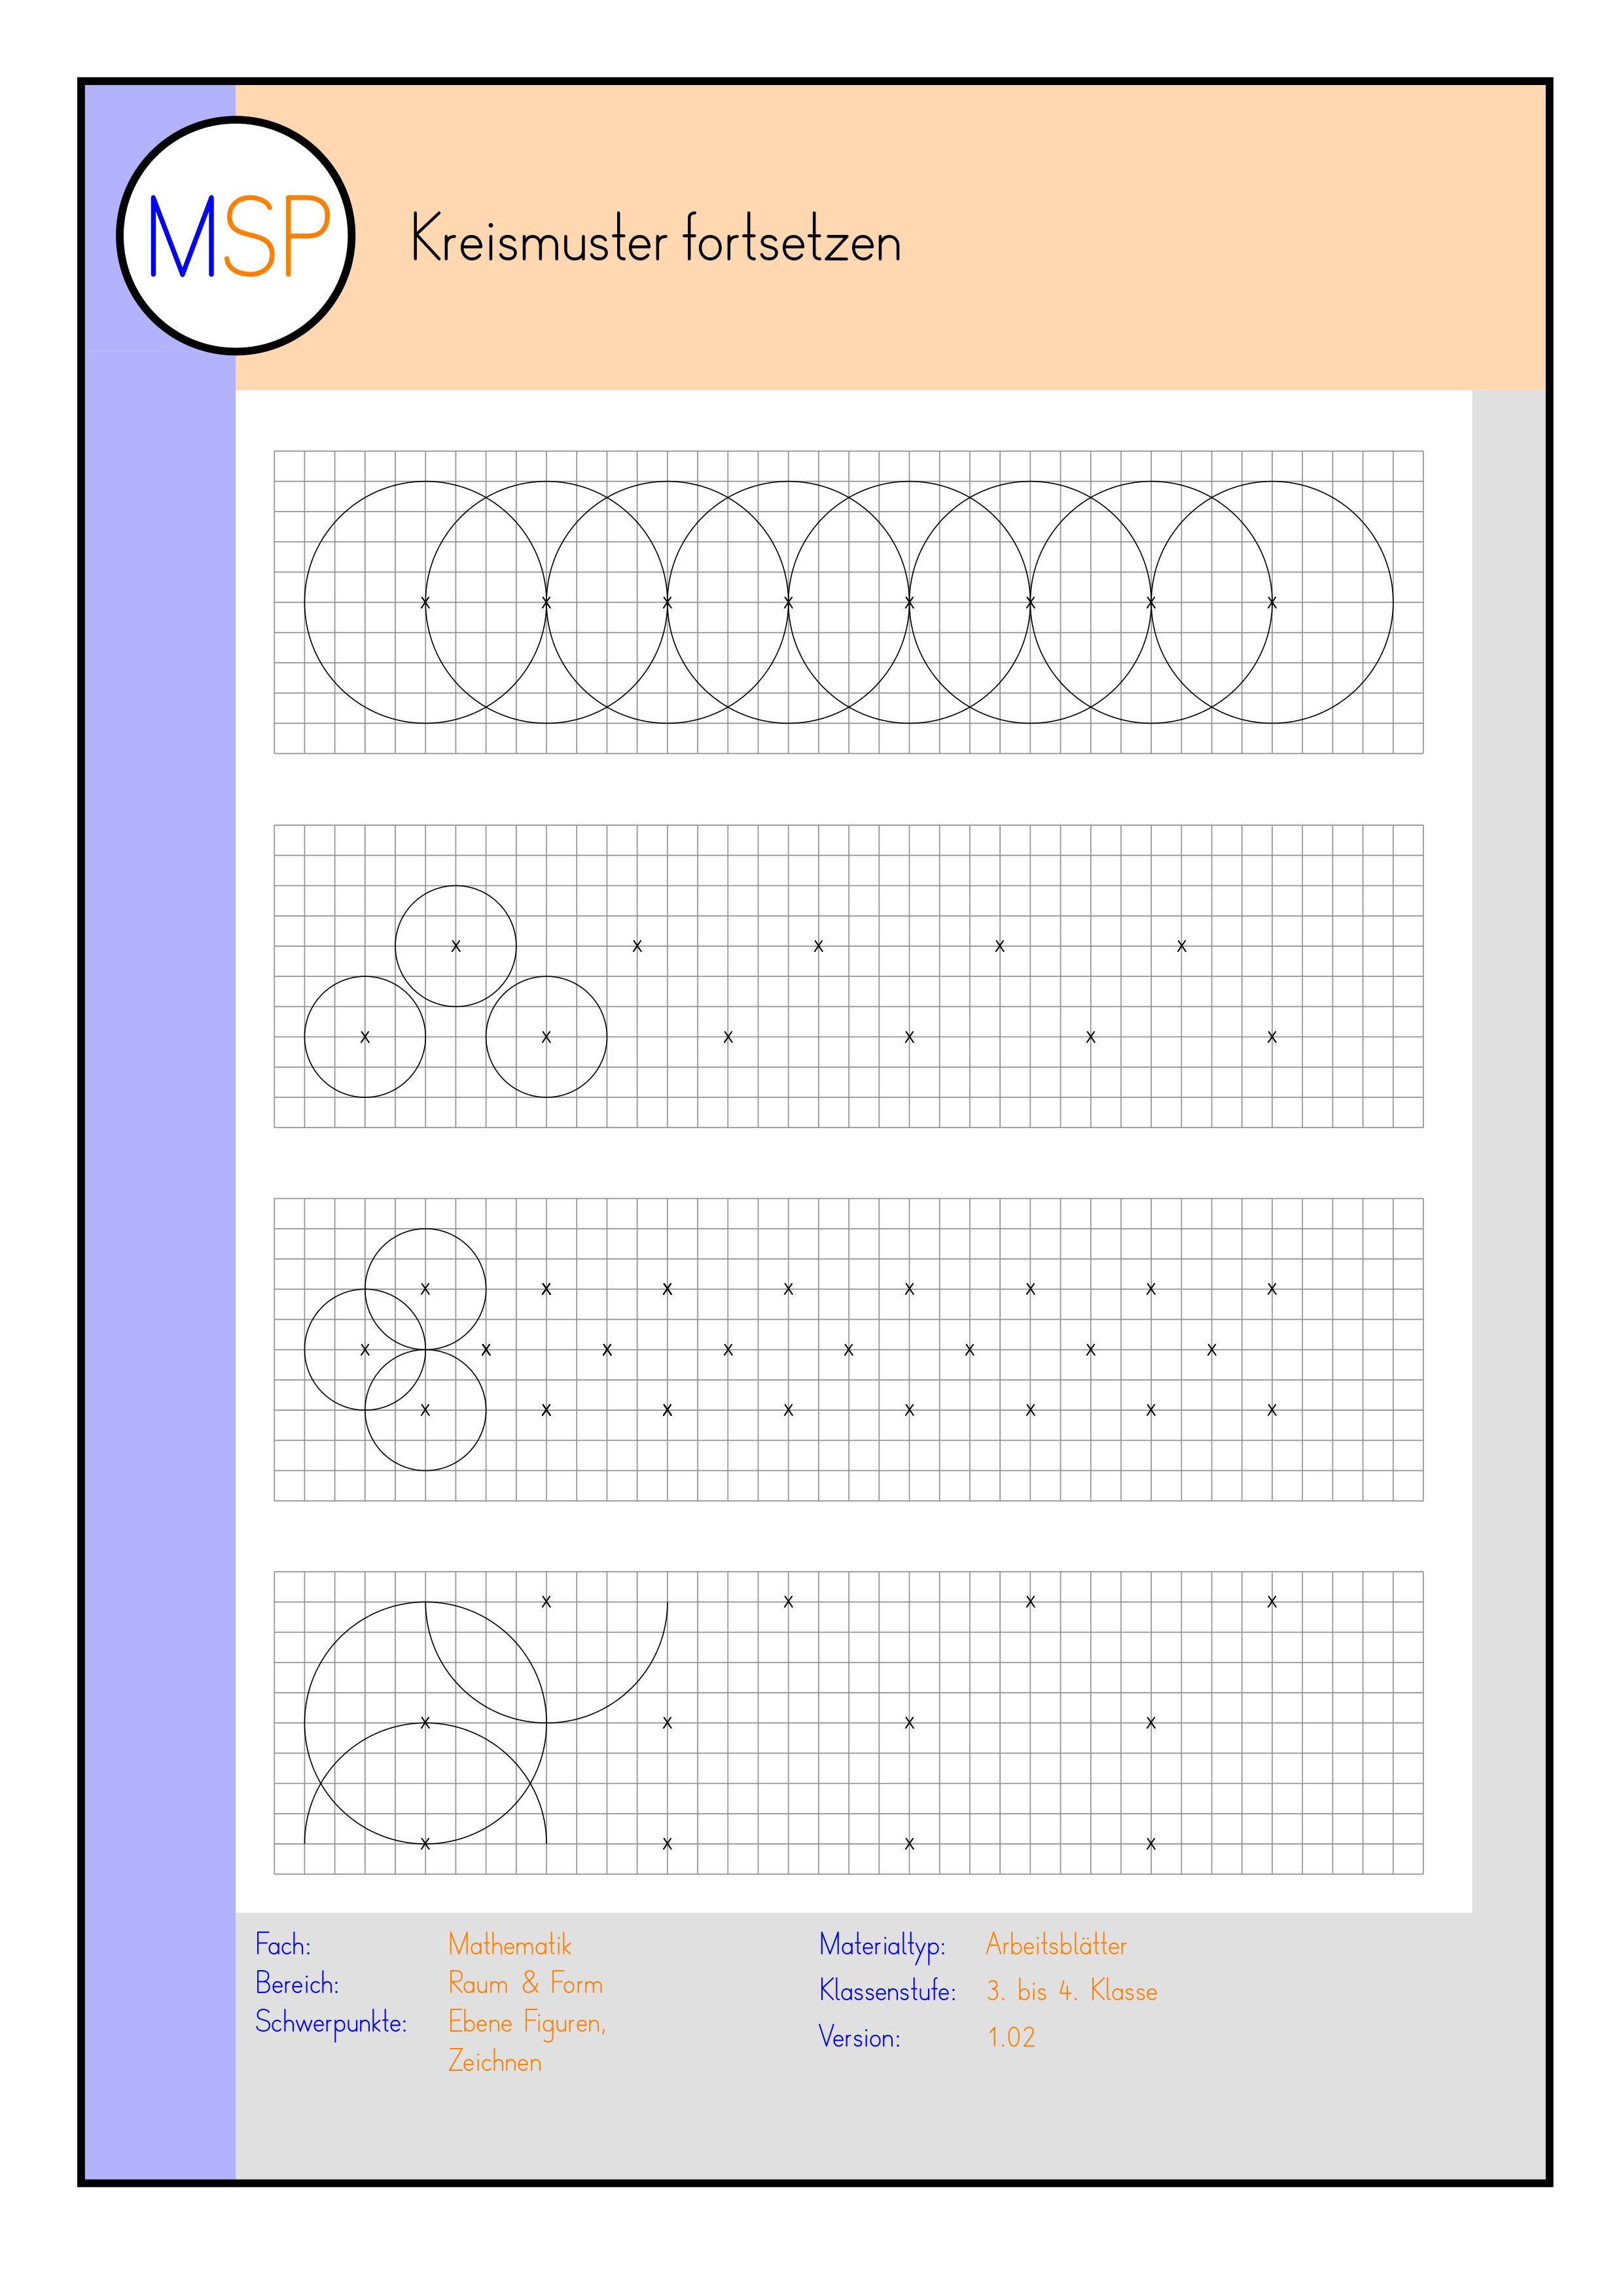 Arbeitsblatter Raum Form Kreismuster Fortsetzen Mit Dem Zirkel Unterrichtsmaterial Im Fach Mathematik Kreismuster Zirkel Mathe Unterrichten